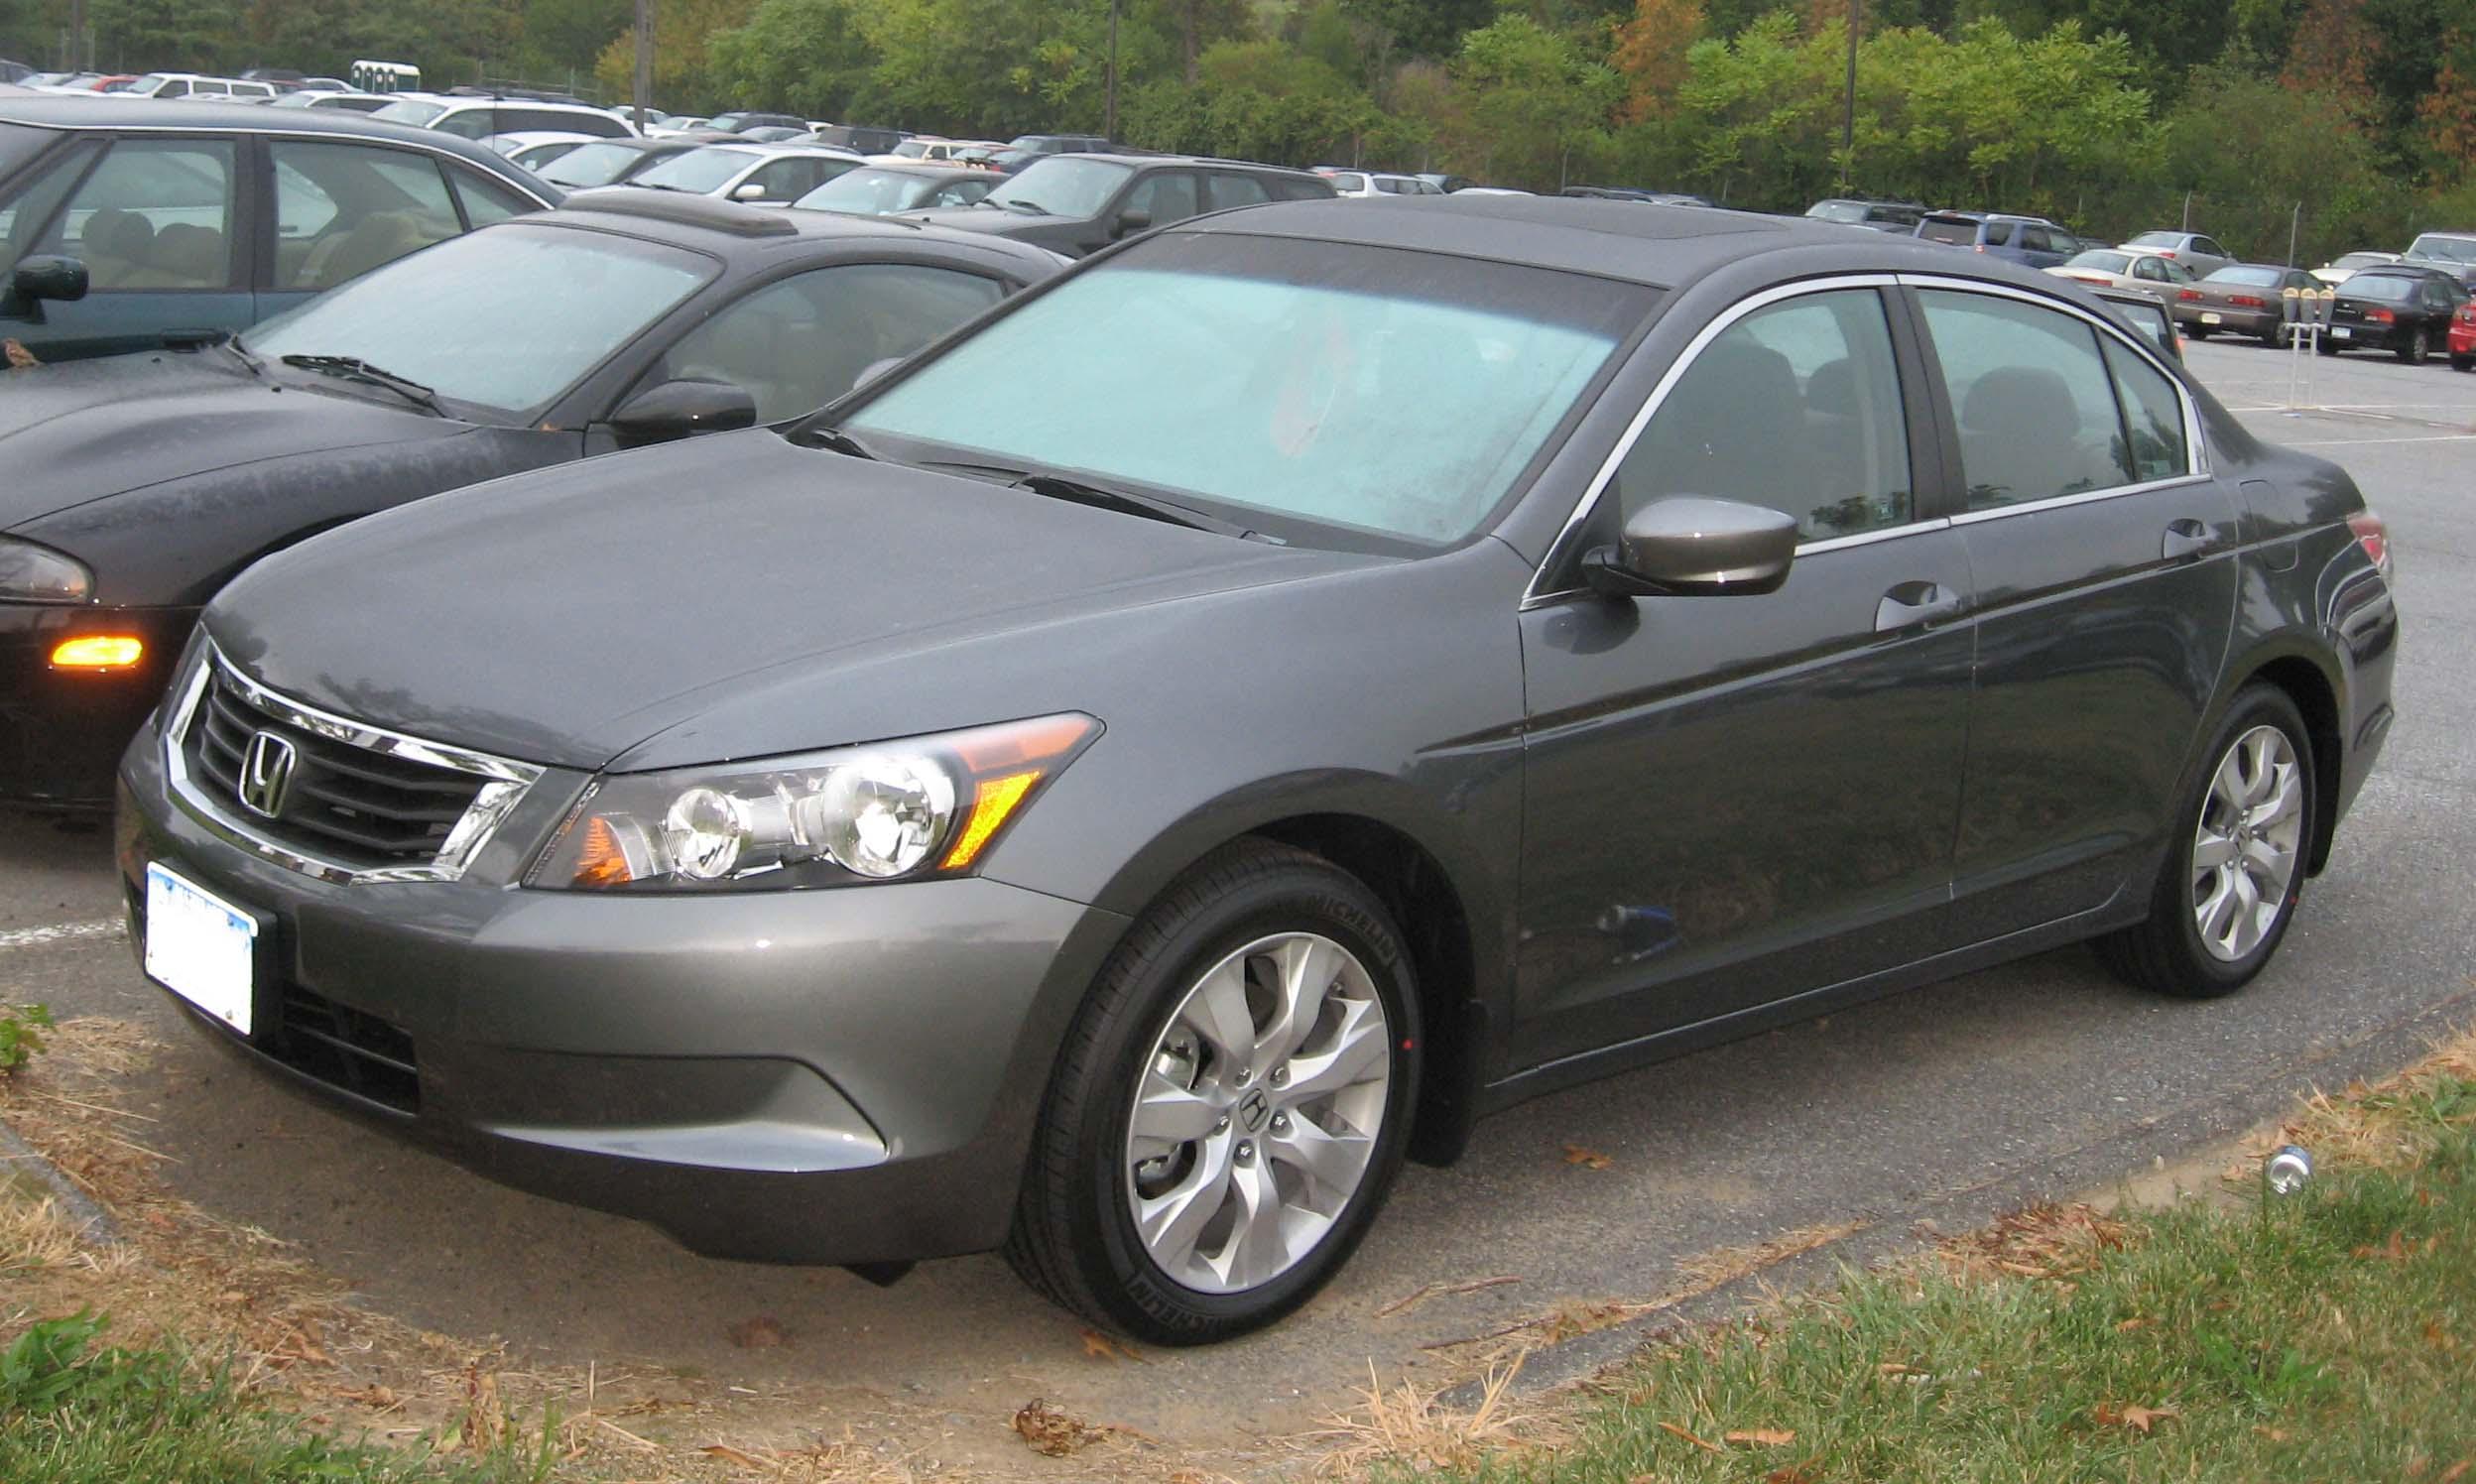 File:08-Honda-Accord-sedan.jpg - Wikimedia Commons